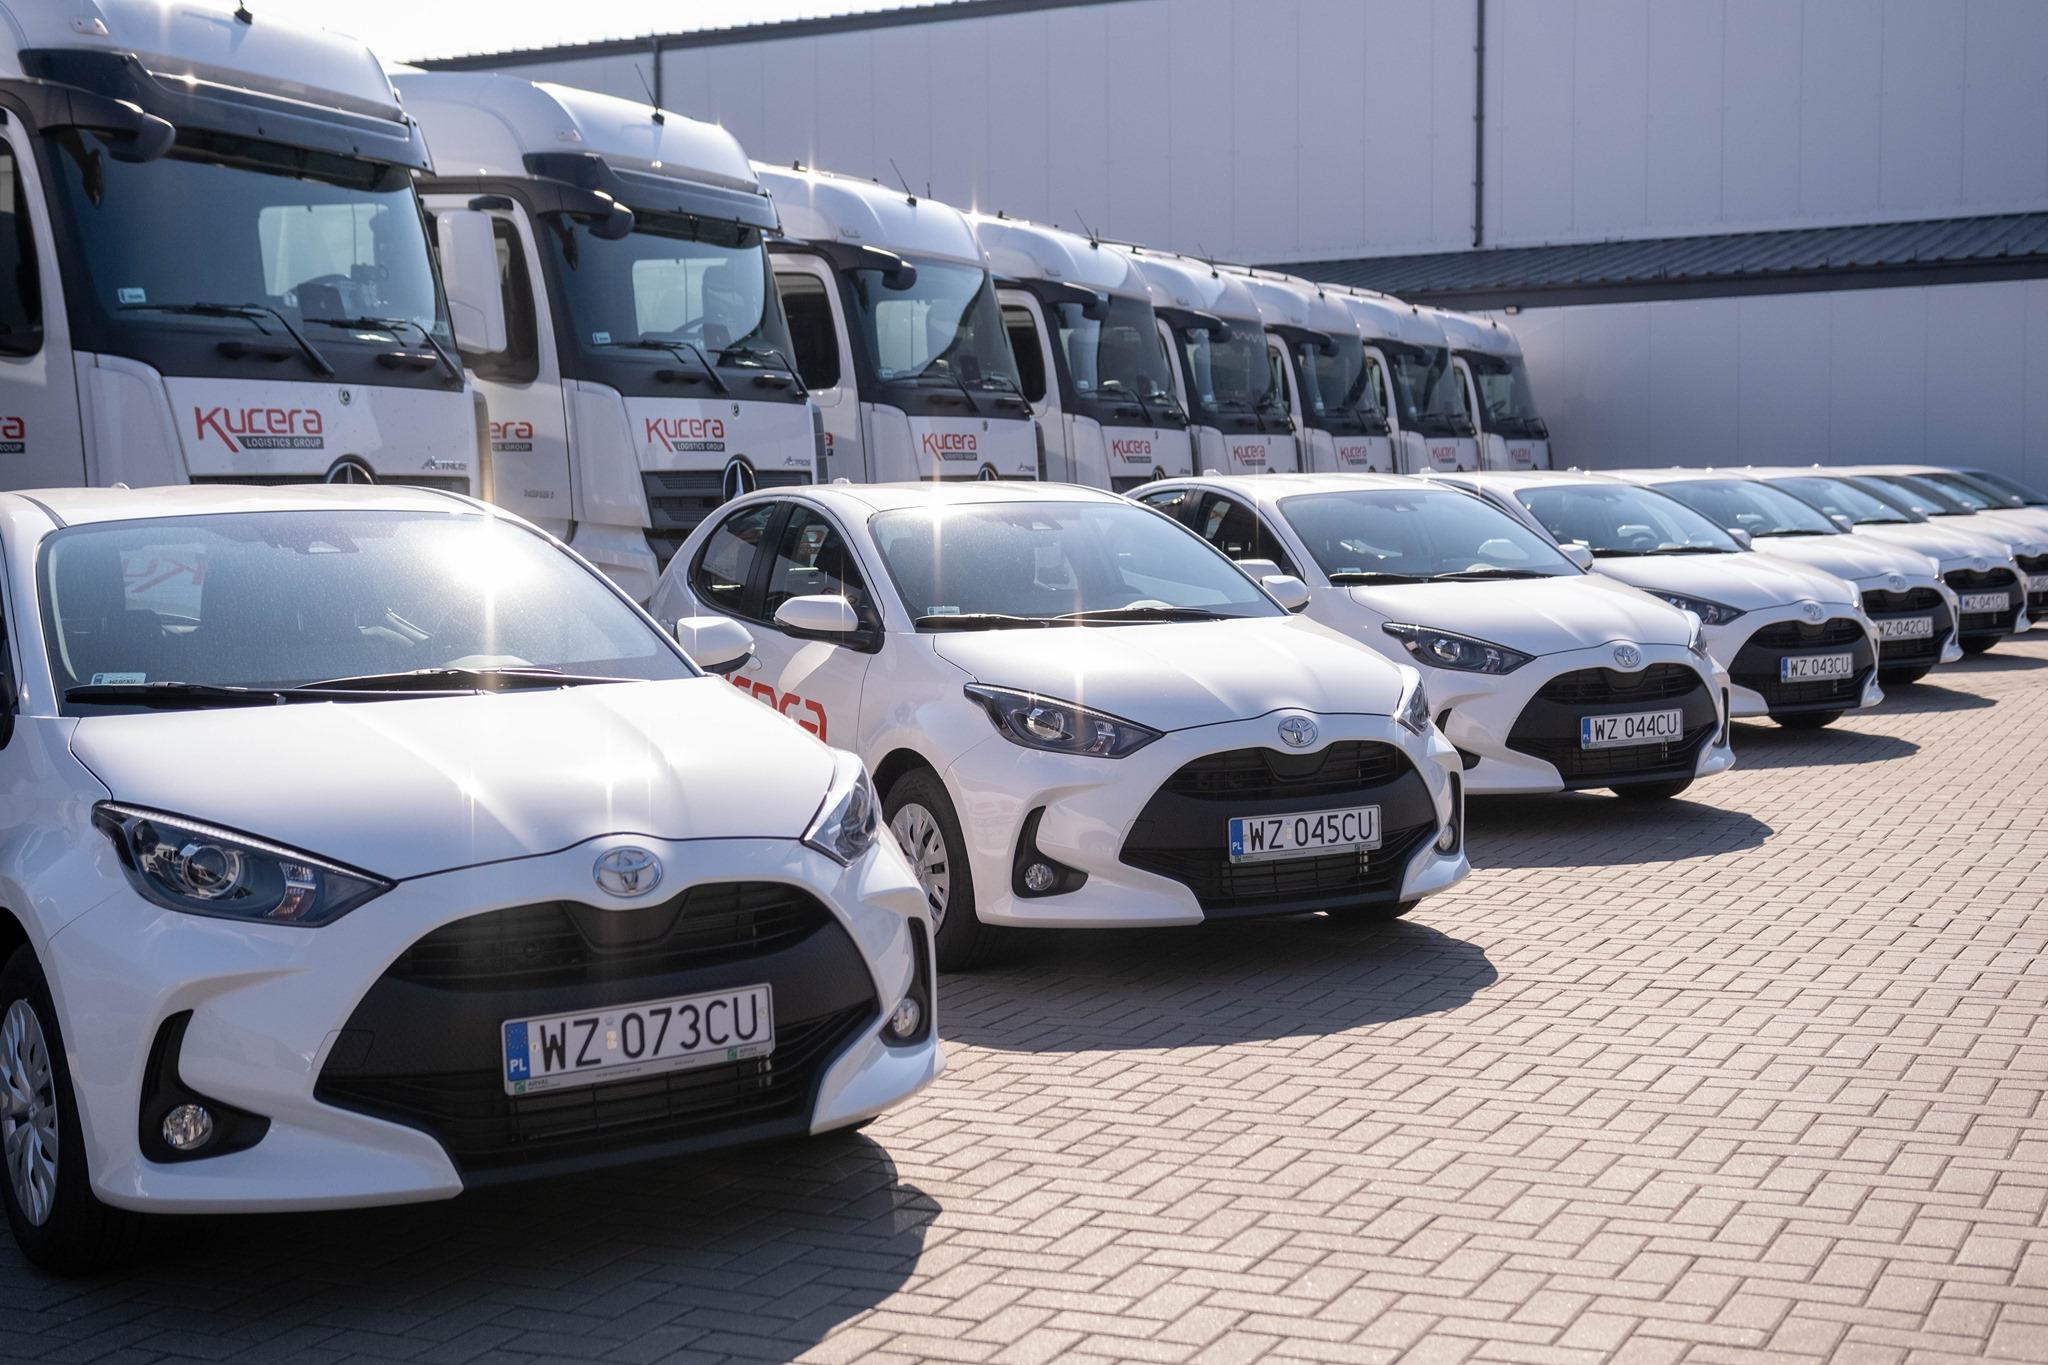 Neįprasta transporto įmonės mintis. Kiekvienas sunkvežimio vairuotojas gaus lengvąjį automobilį